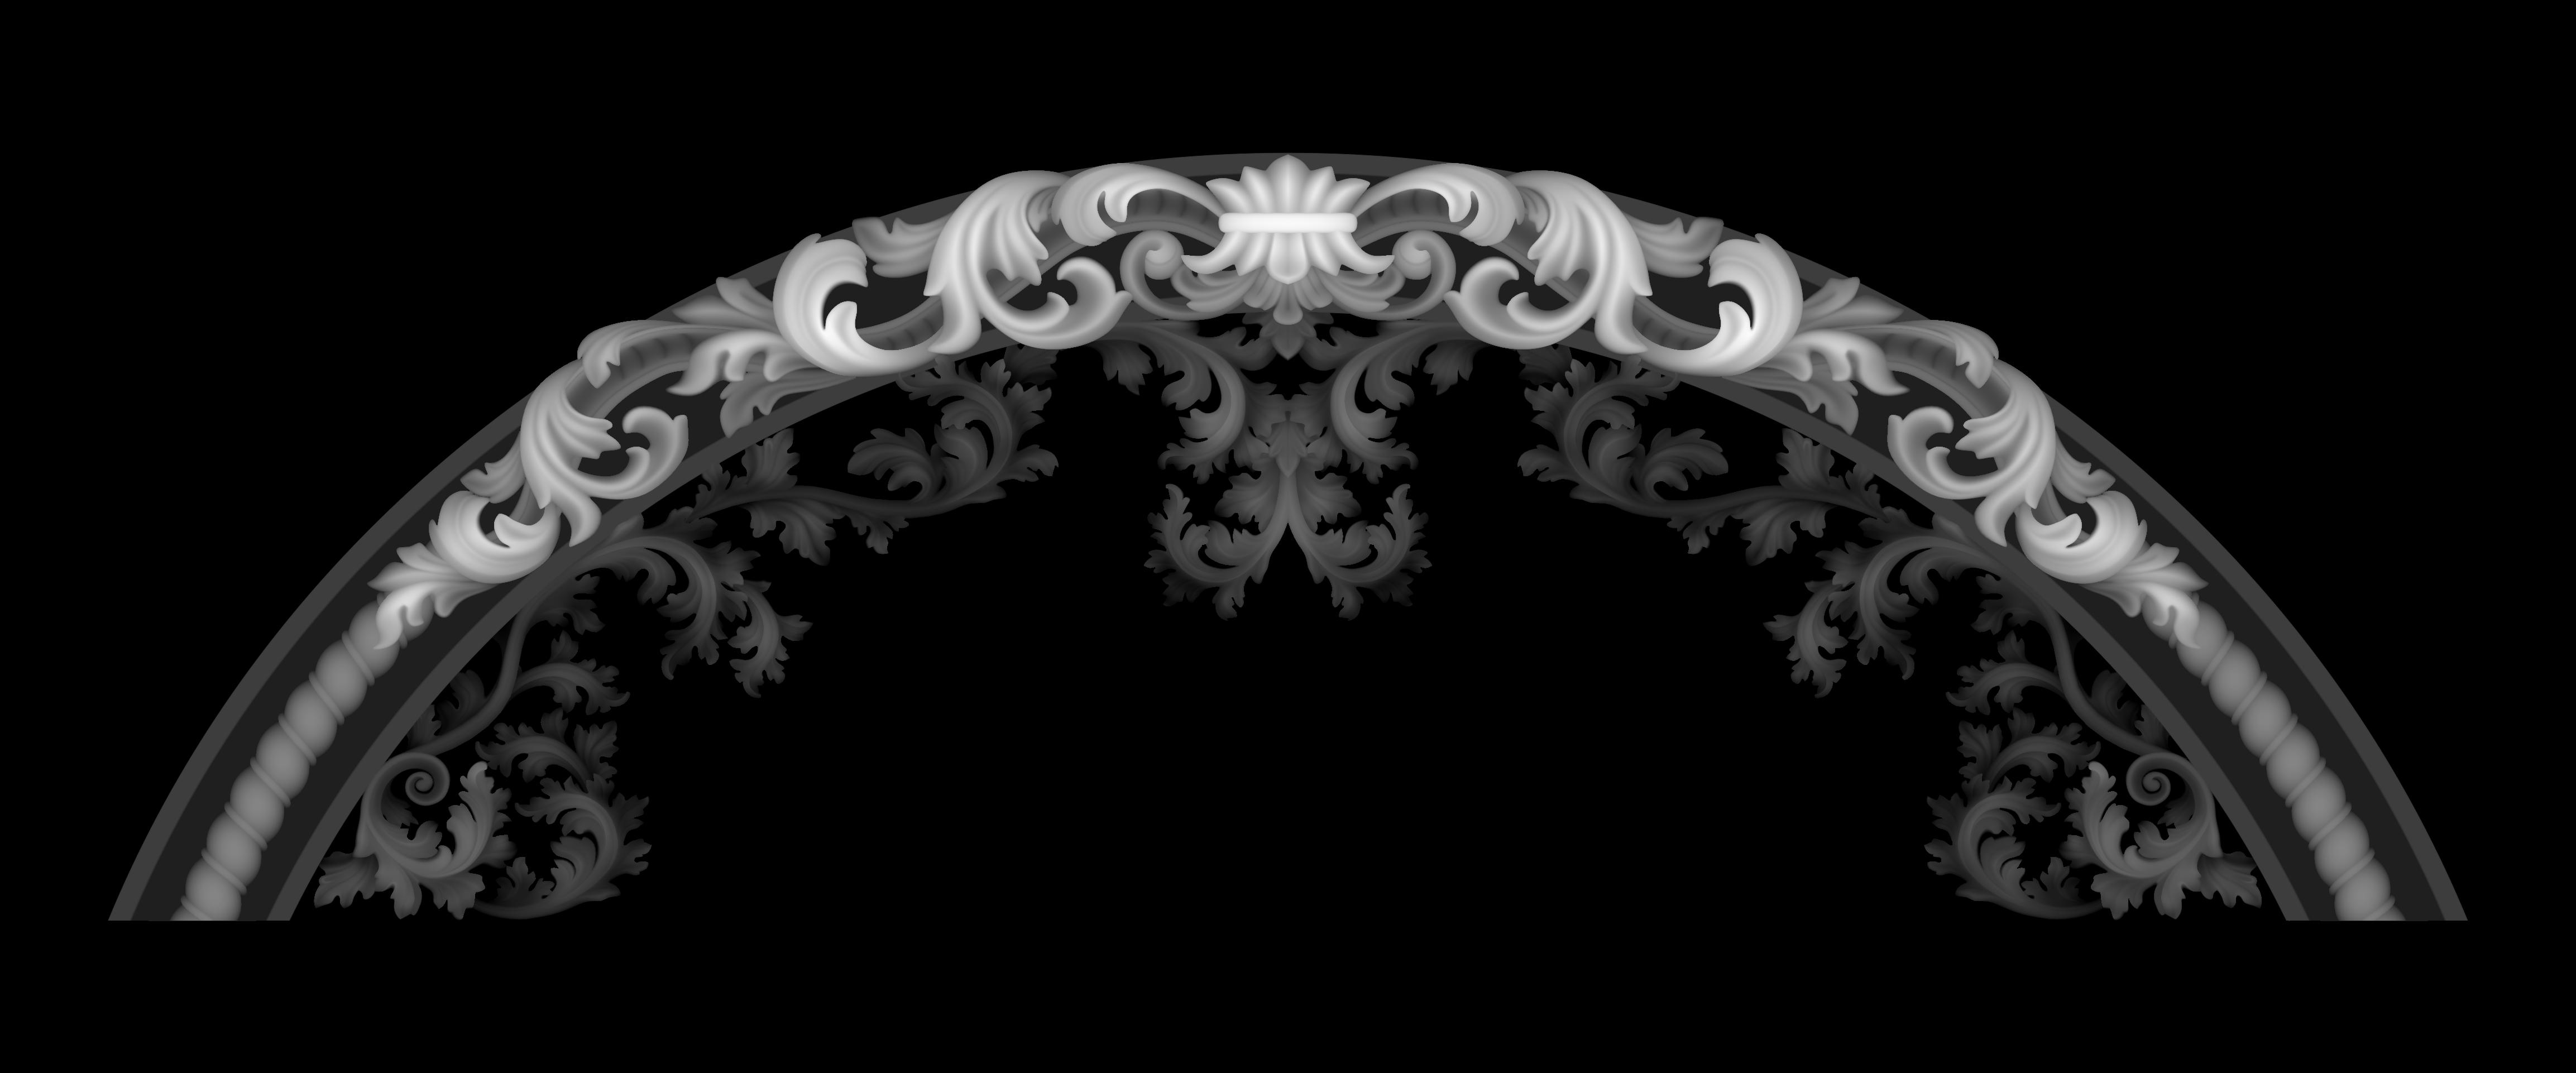 Просмотр изображения RUC7M.png | Ornamental | Pinterest | Escala de ...